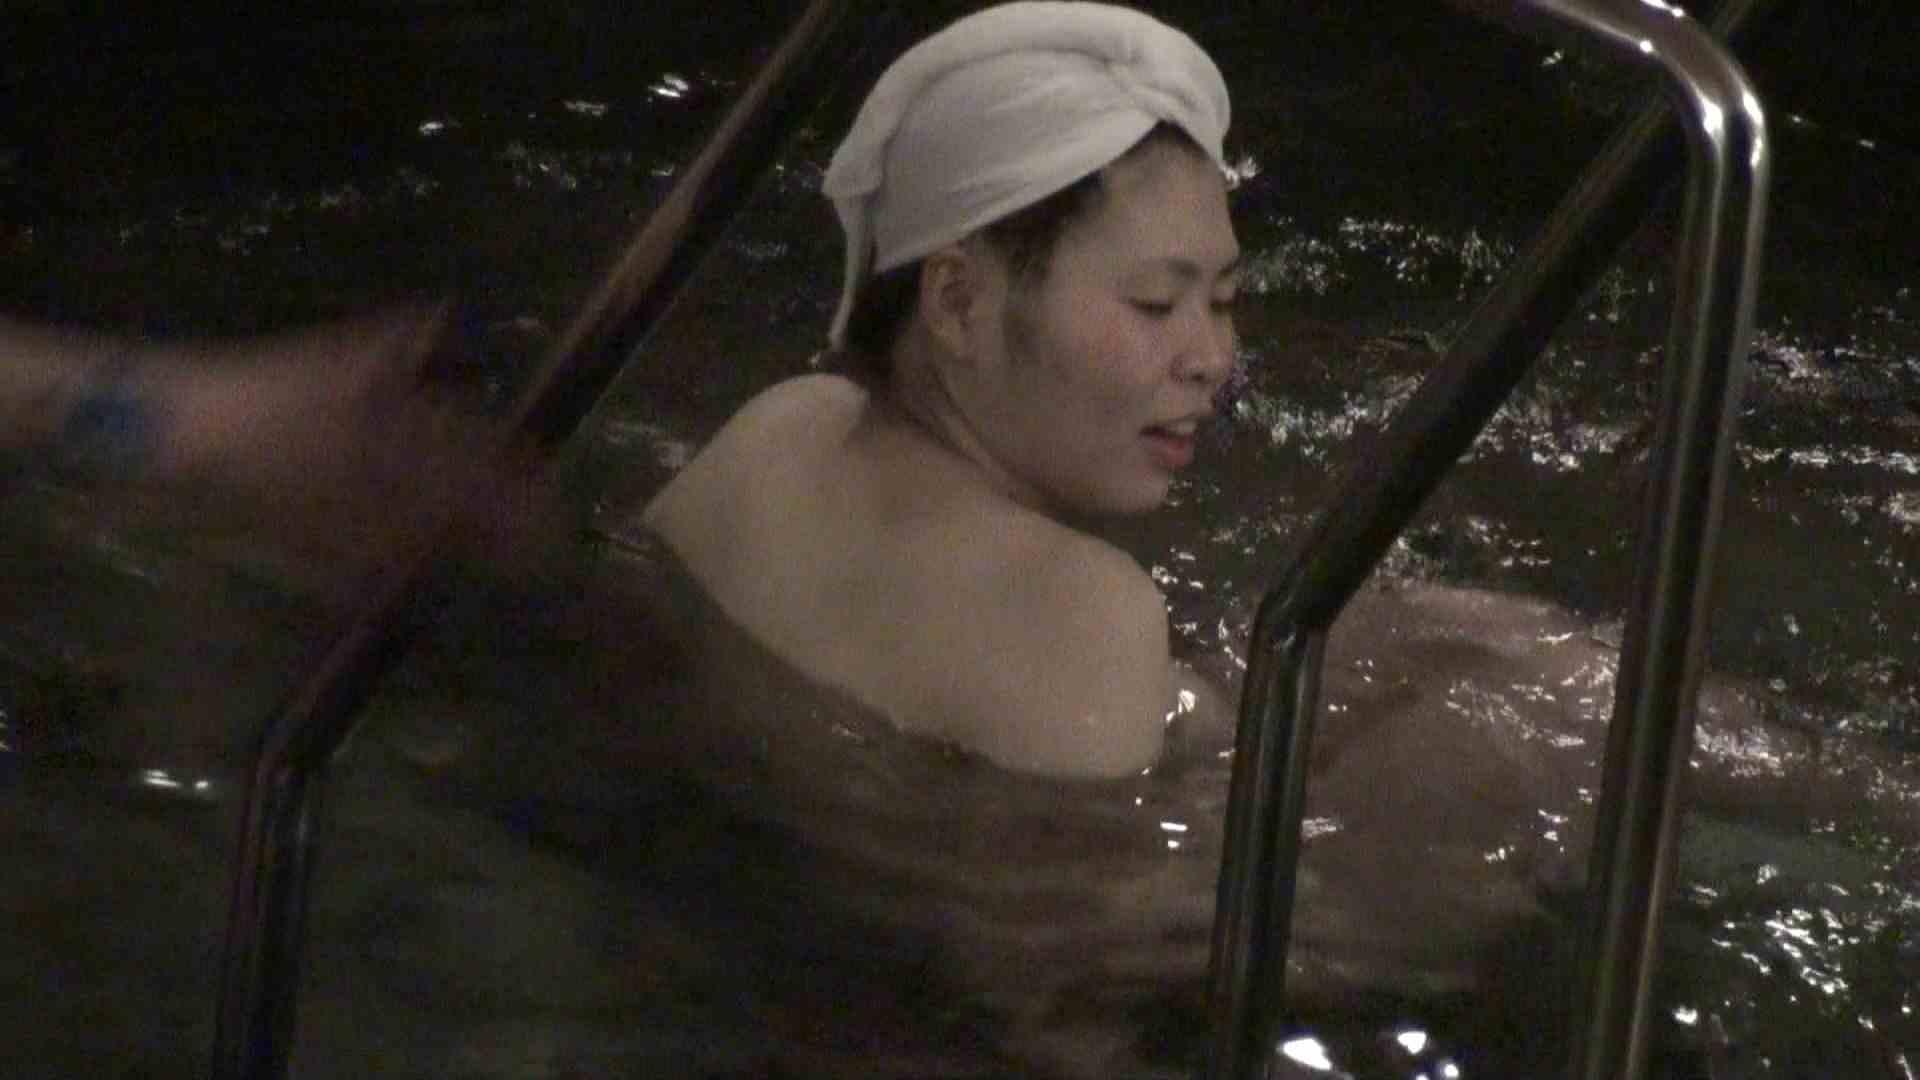 Aquaな露天風呂Vol.401 OLのエロ生活  108連発 6